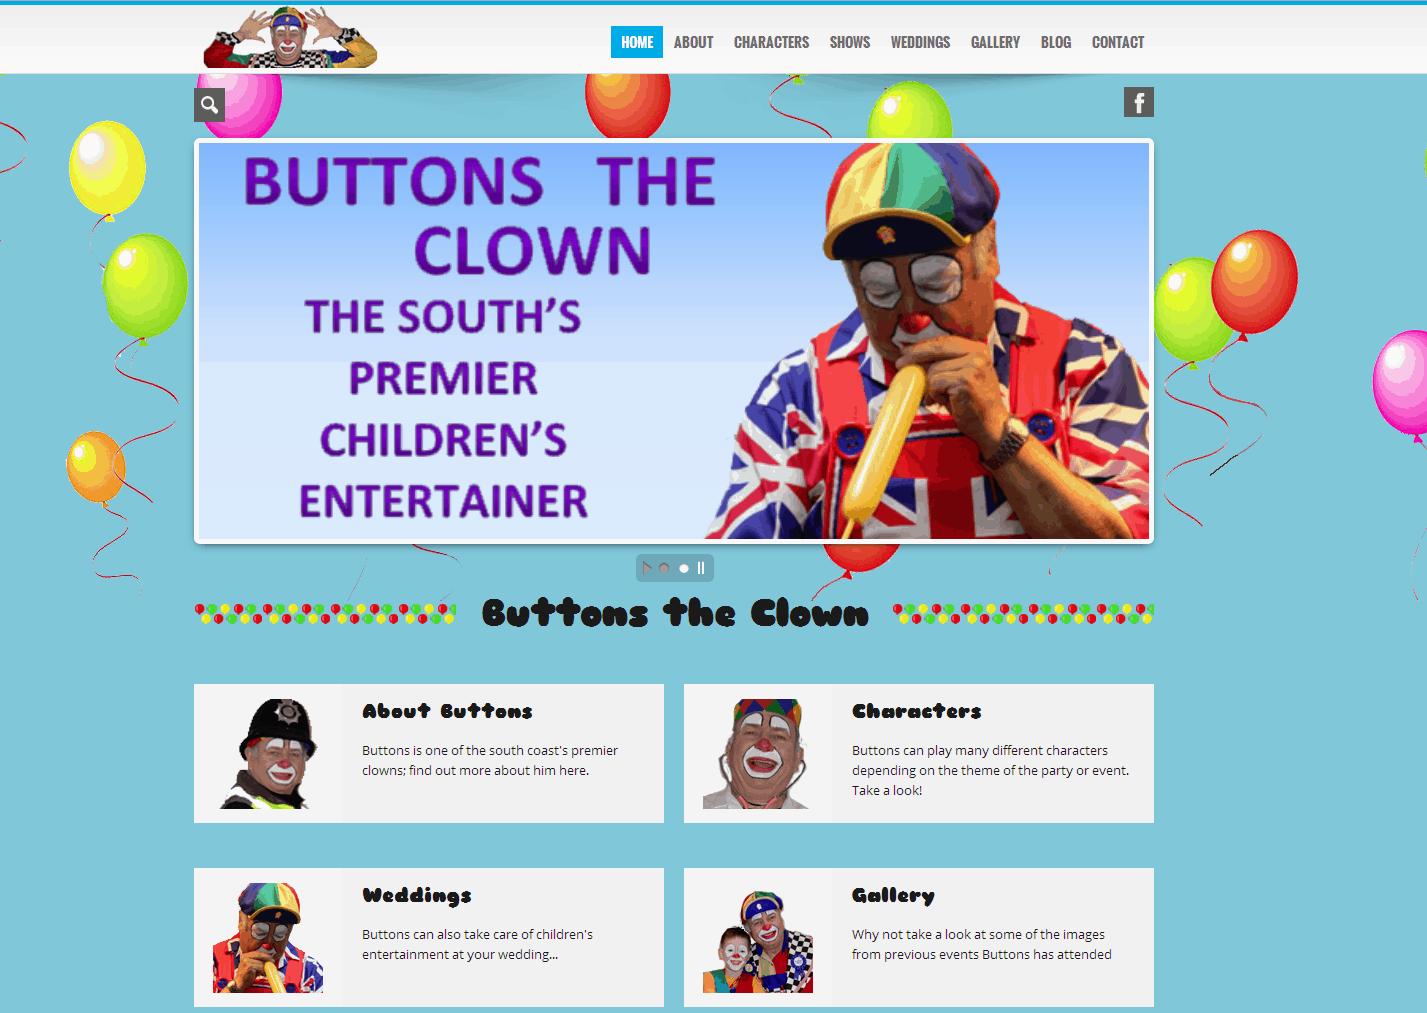 Buttons the Clown